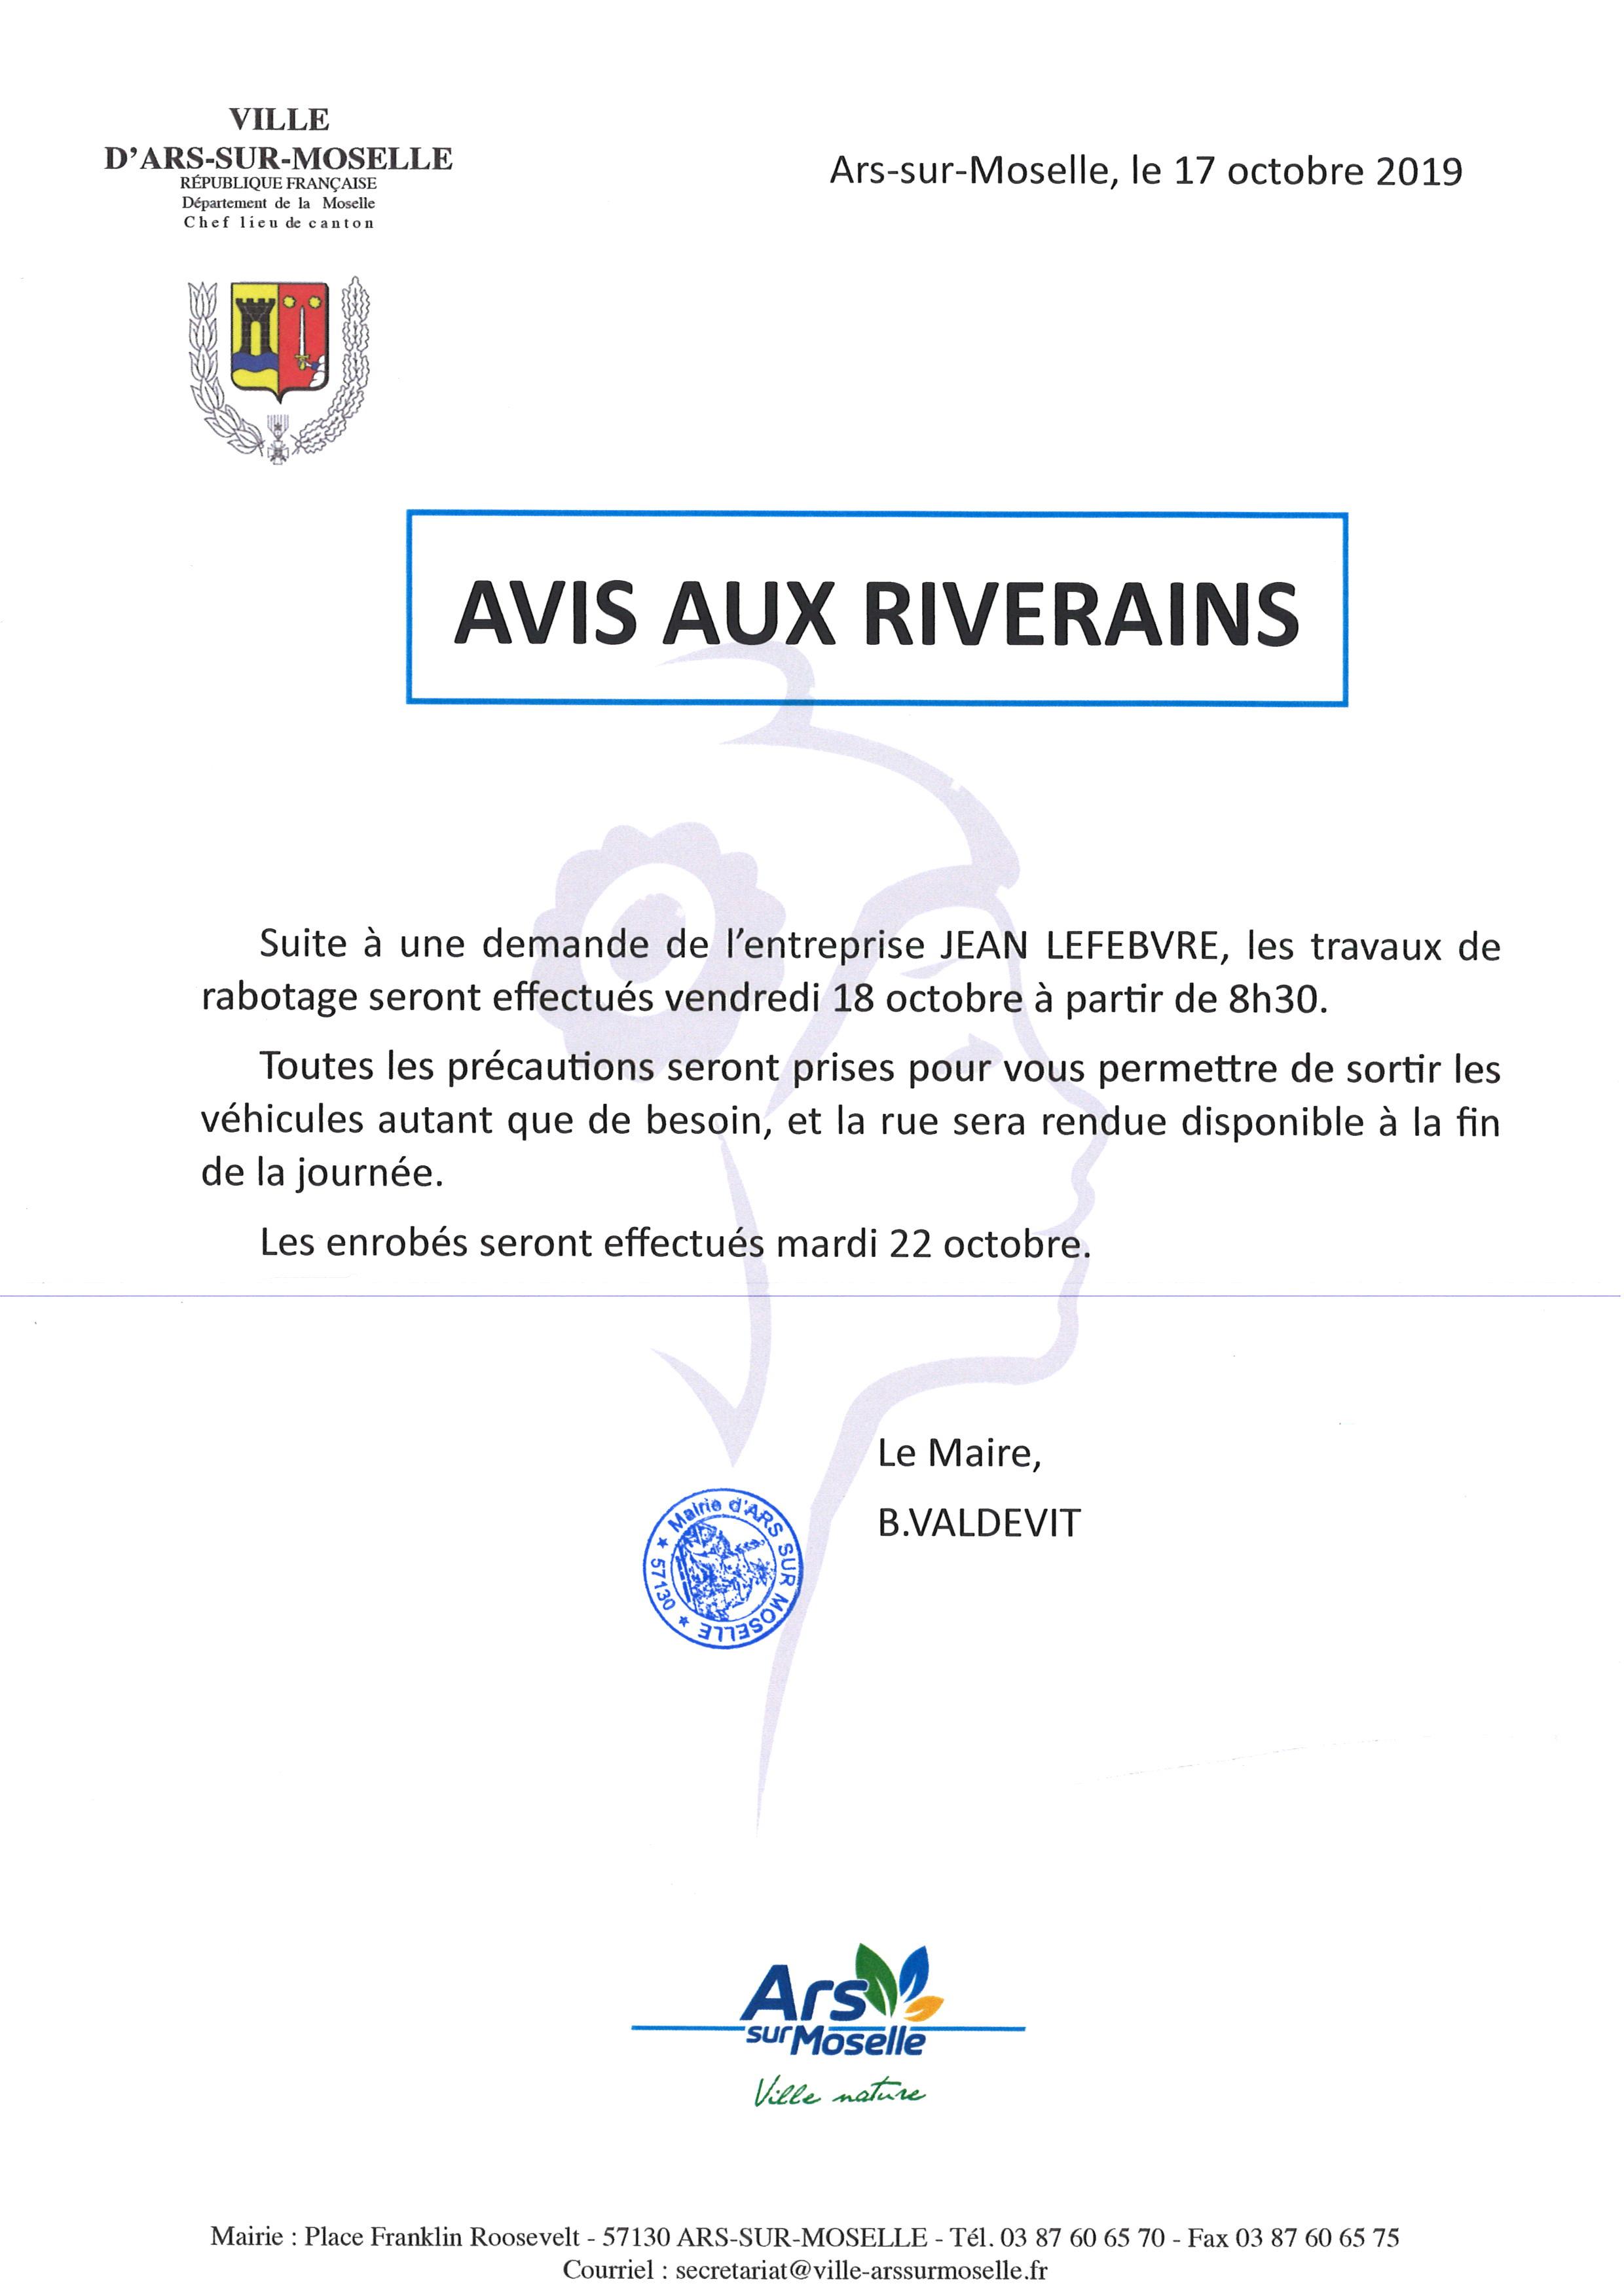 AVIS AUX RIVERAINS de la rue de la Paix